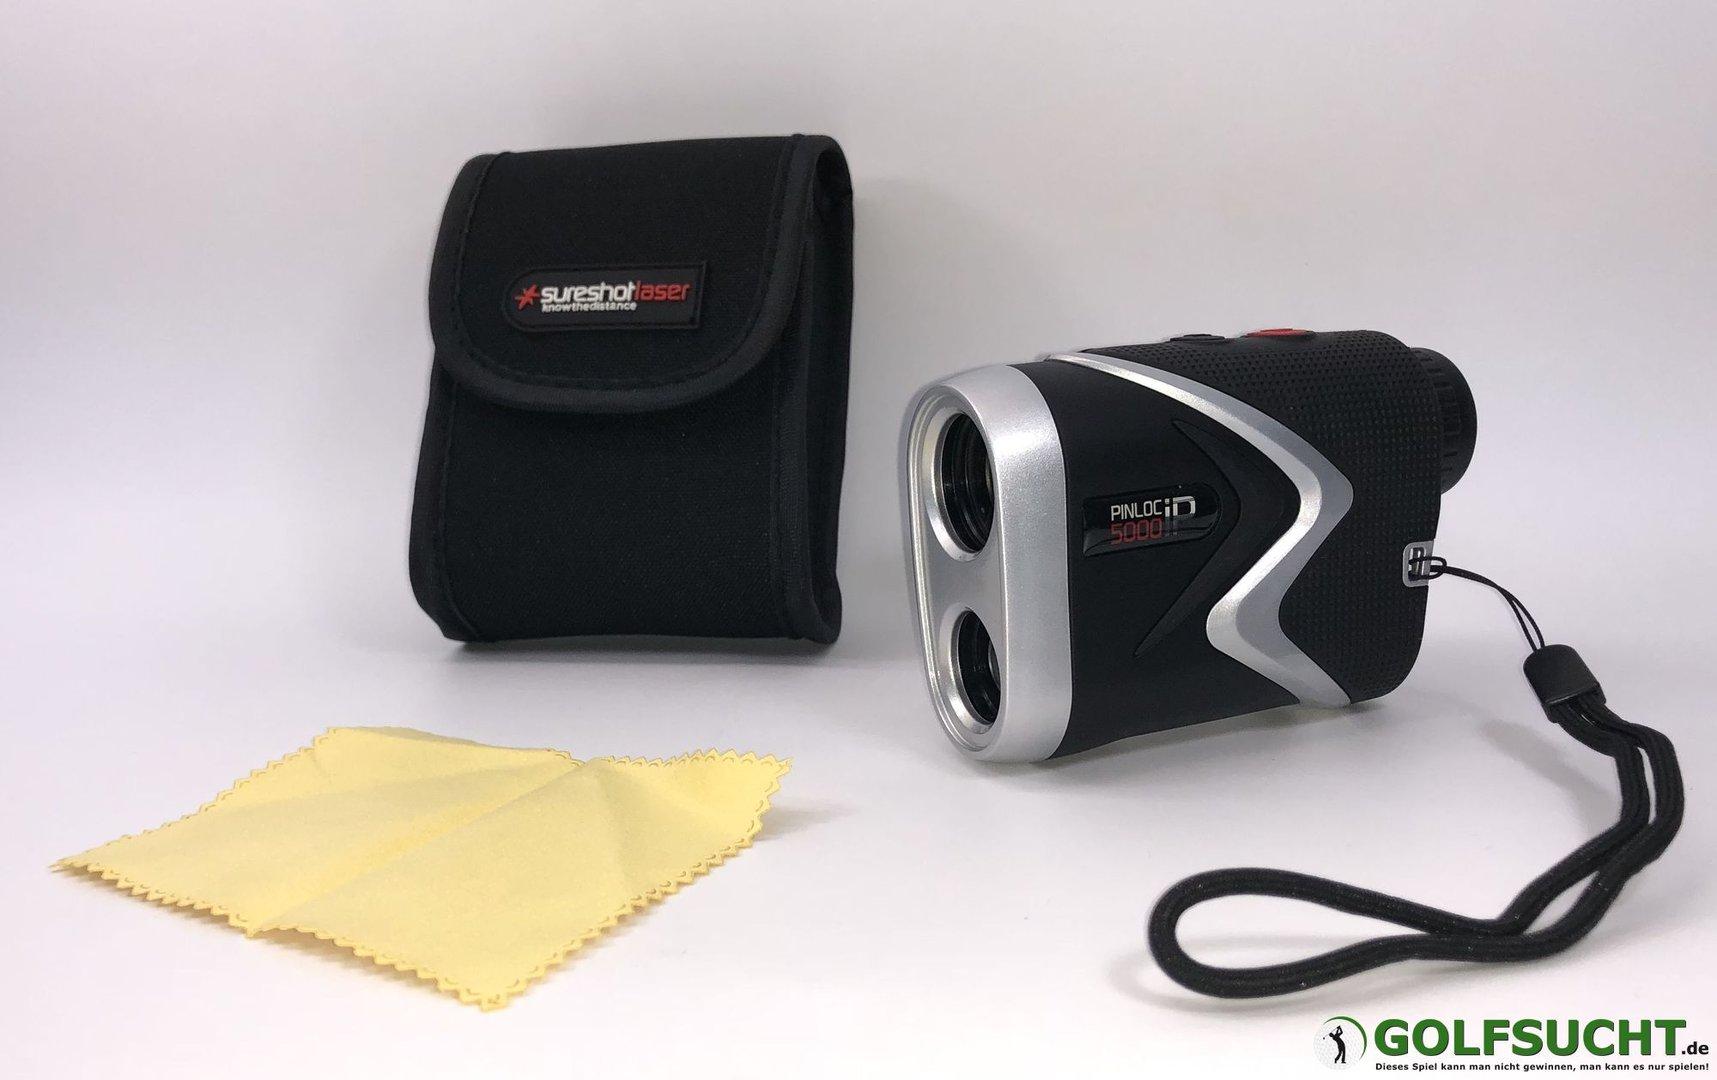 Golf Entfernungsmesser Leupold : Sureshotlaser pinloc ip golfsucht